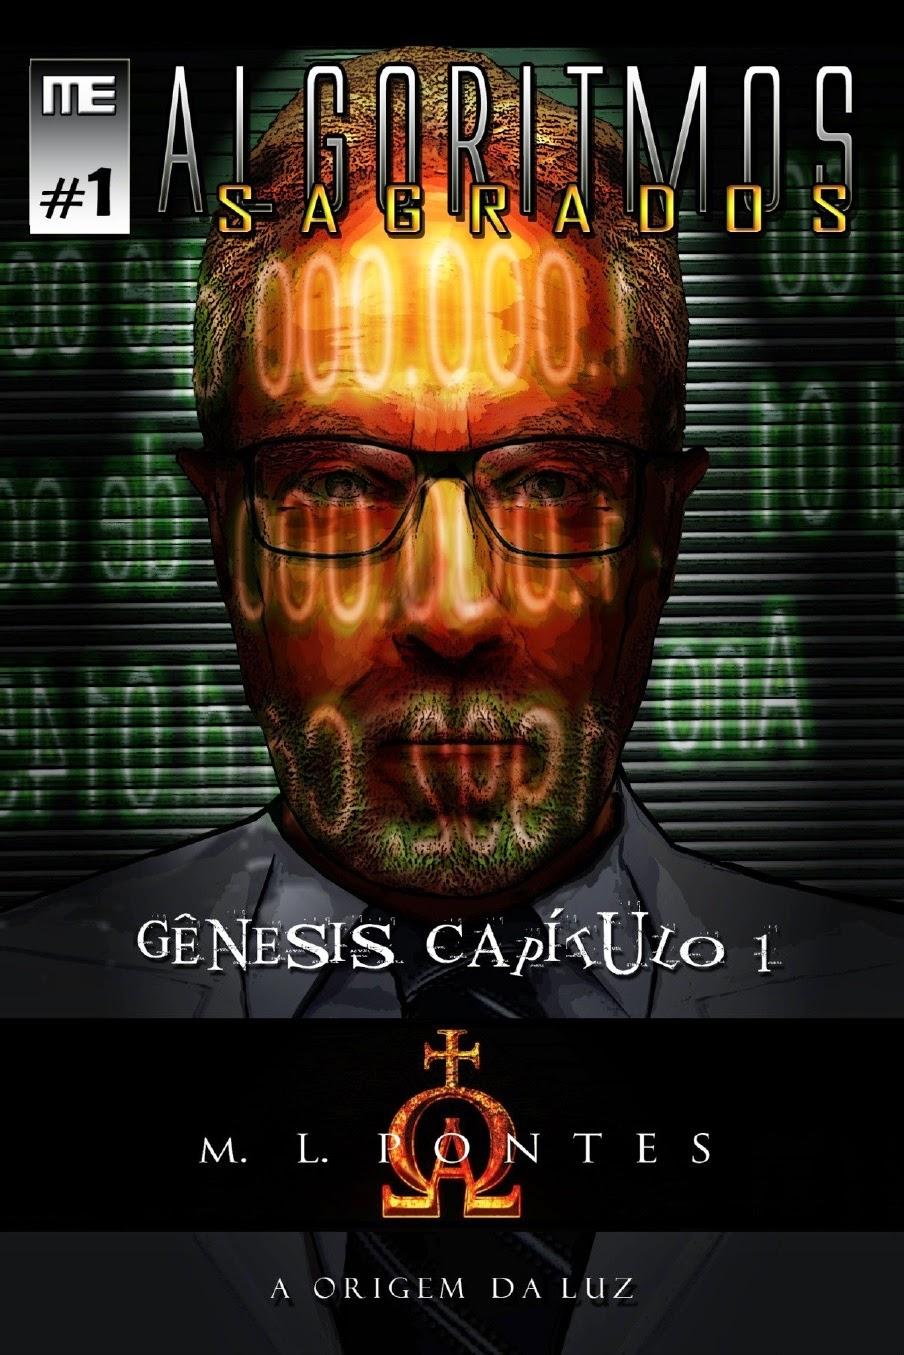 www.leituranossa.com.br/2014/06/hq-algoritmos-sagrados-m-l-pontes.html